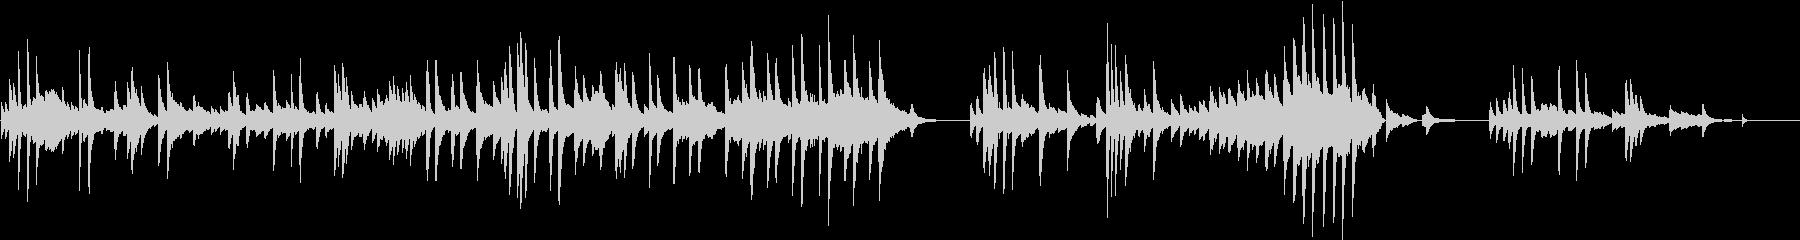 あたたかな始まりをイメージしたピアノ曲の未再生の波形